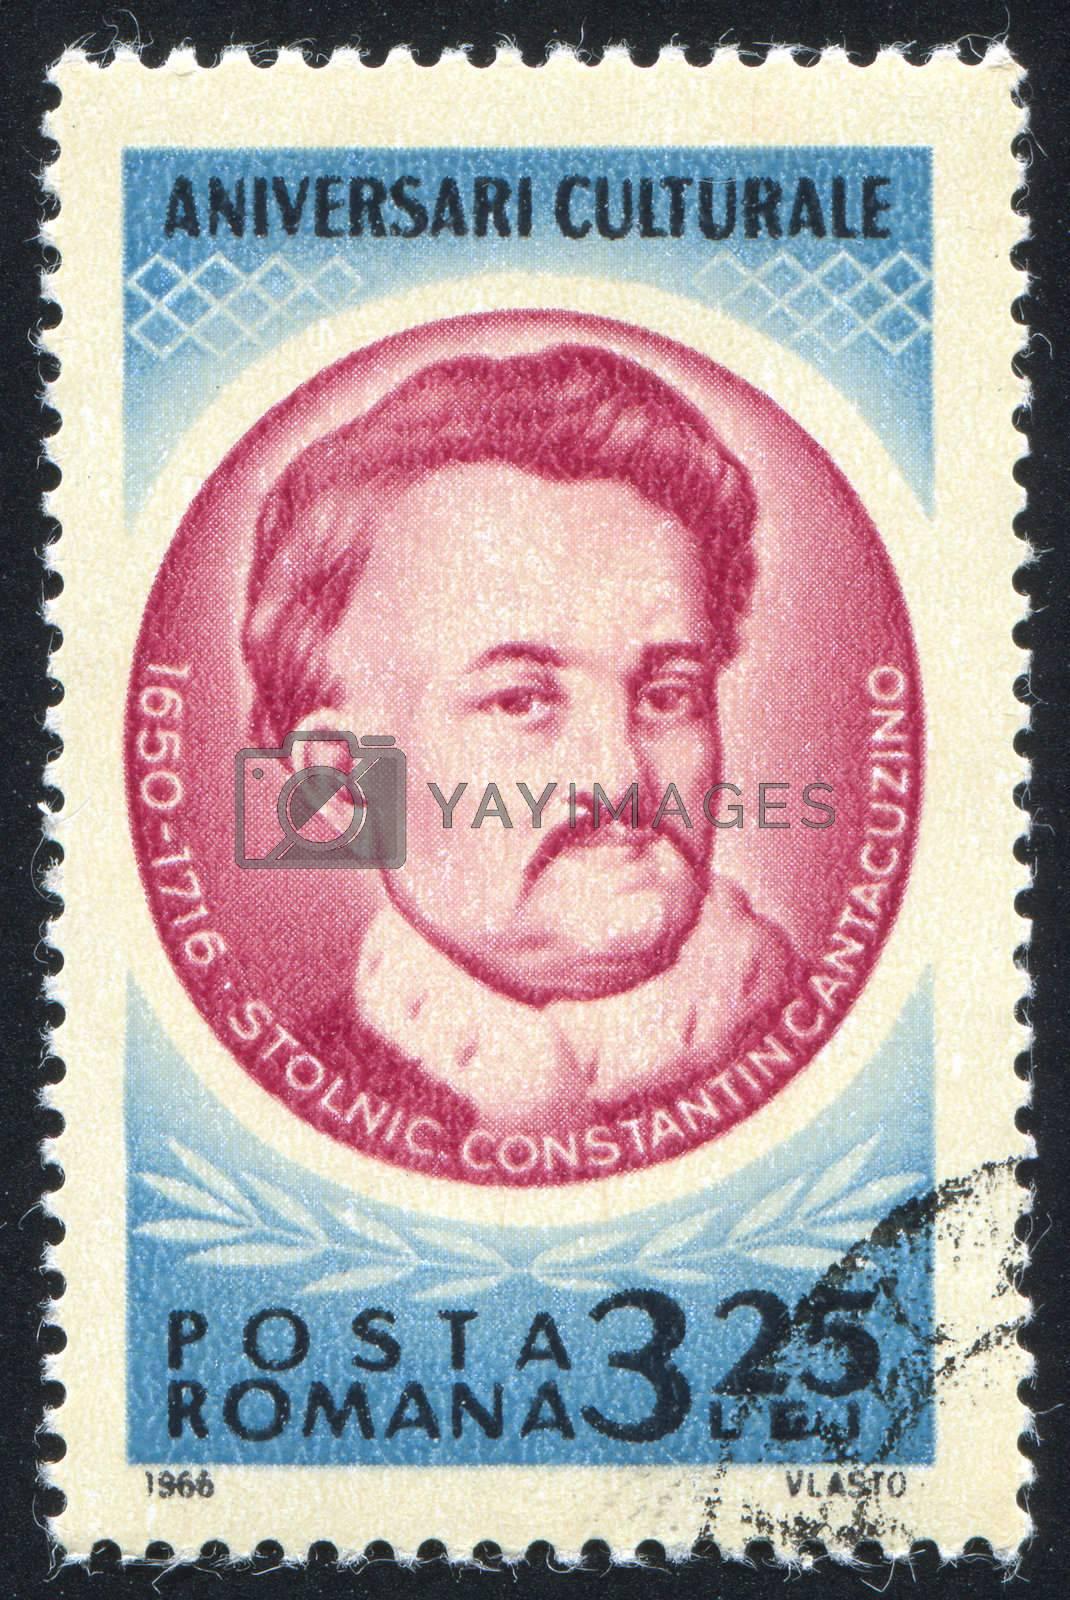 ROMANIA - CIRCA 1966: stamp printed by Romania, show Constantin Cantacuzino, circa 1966.